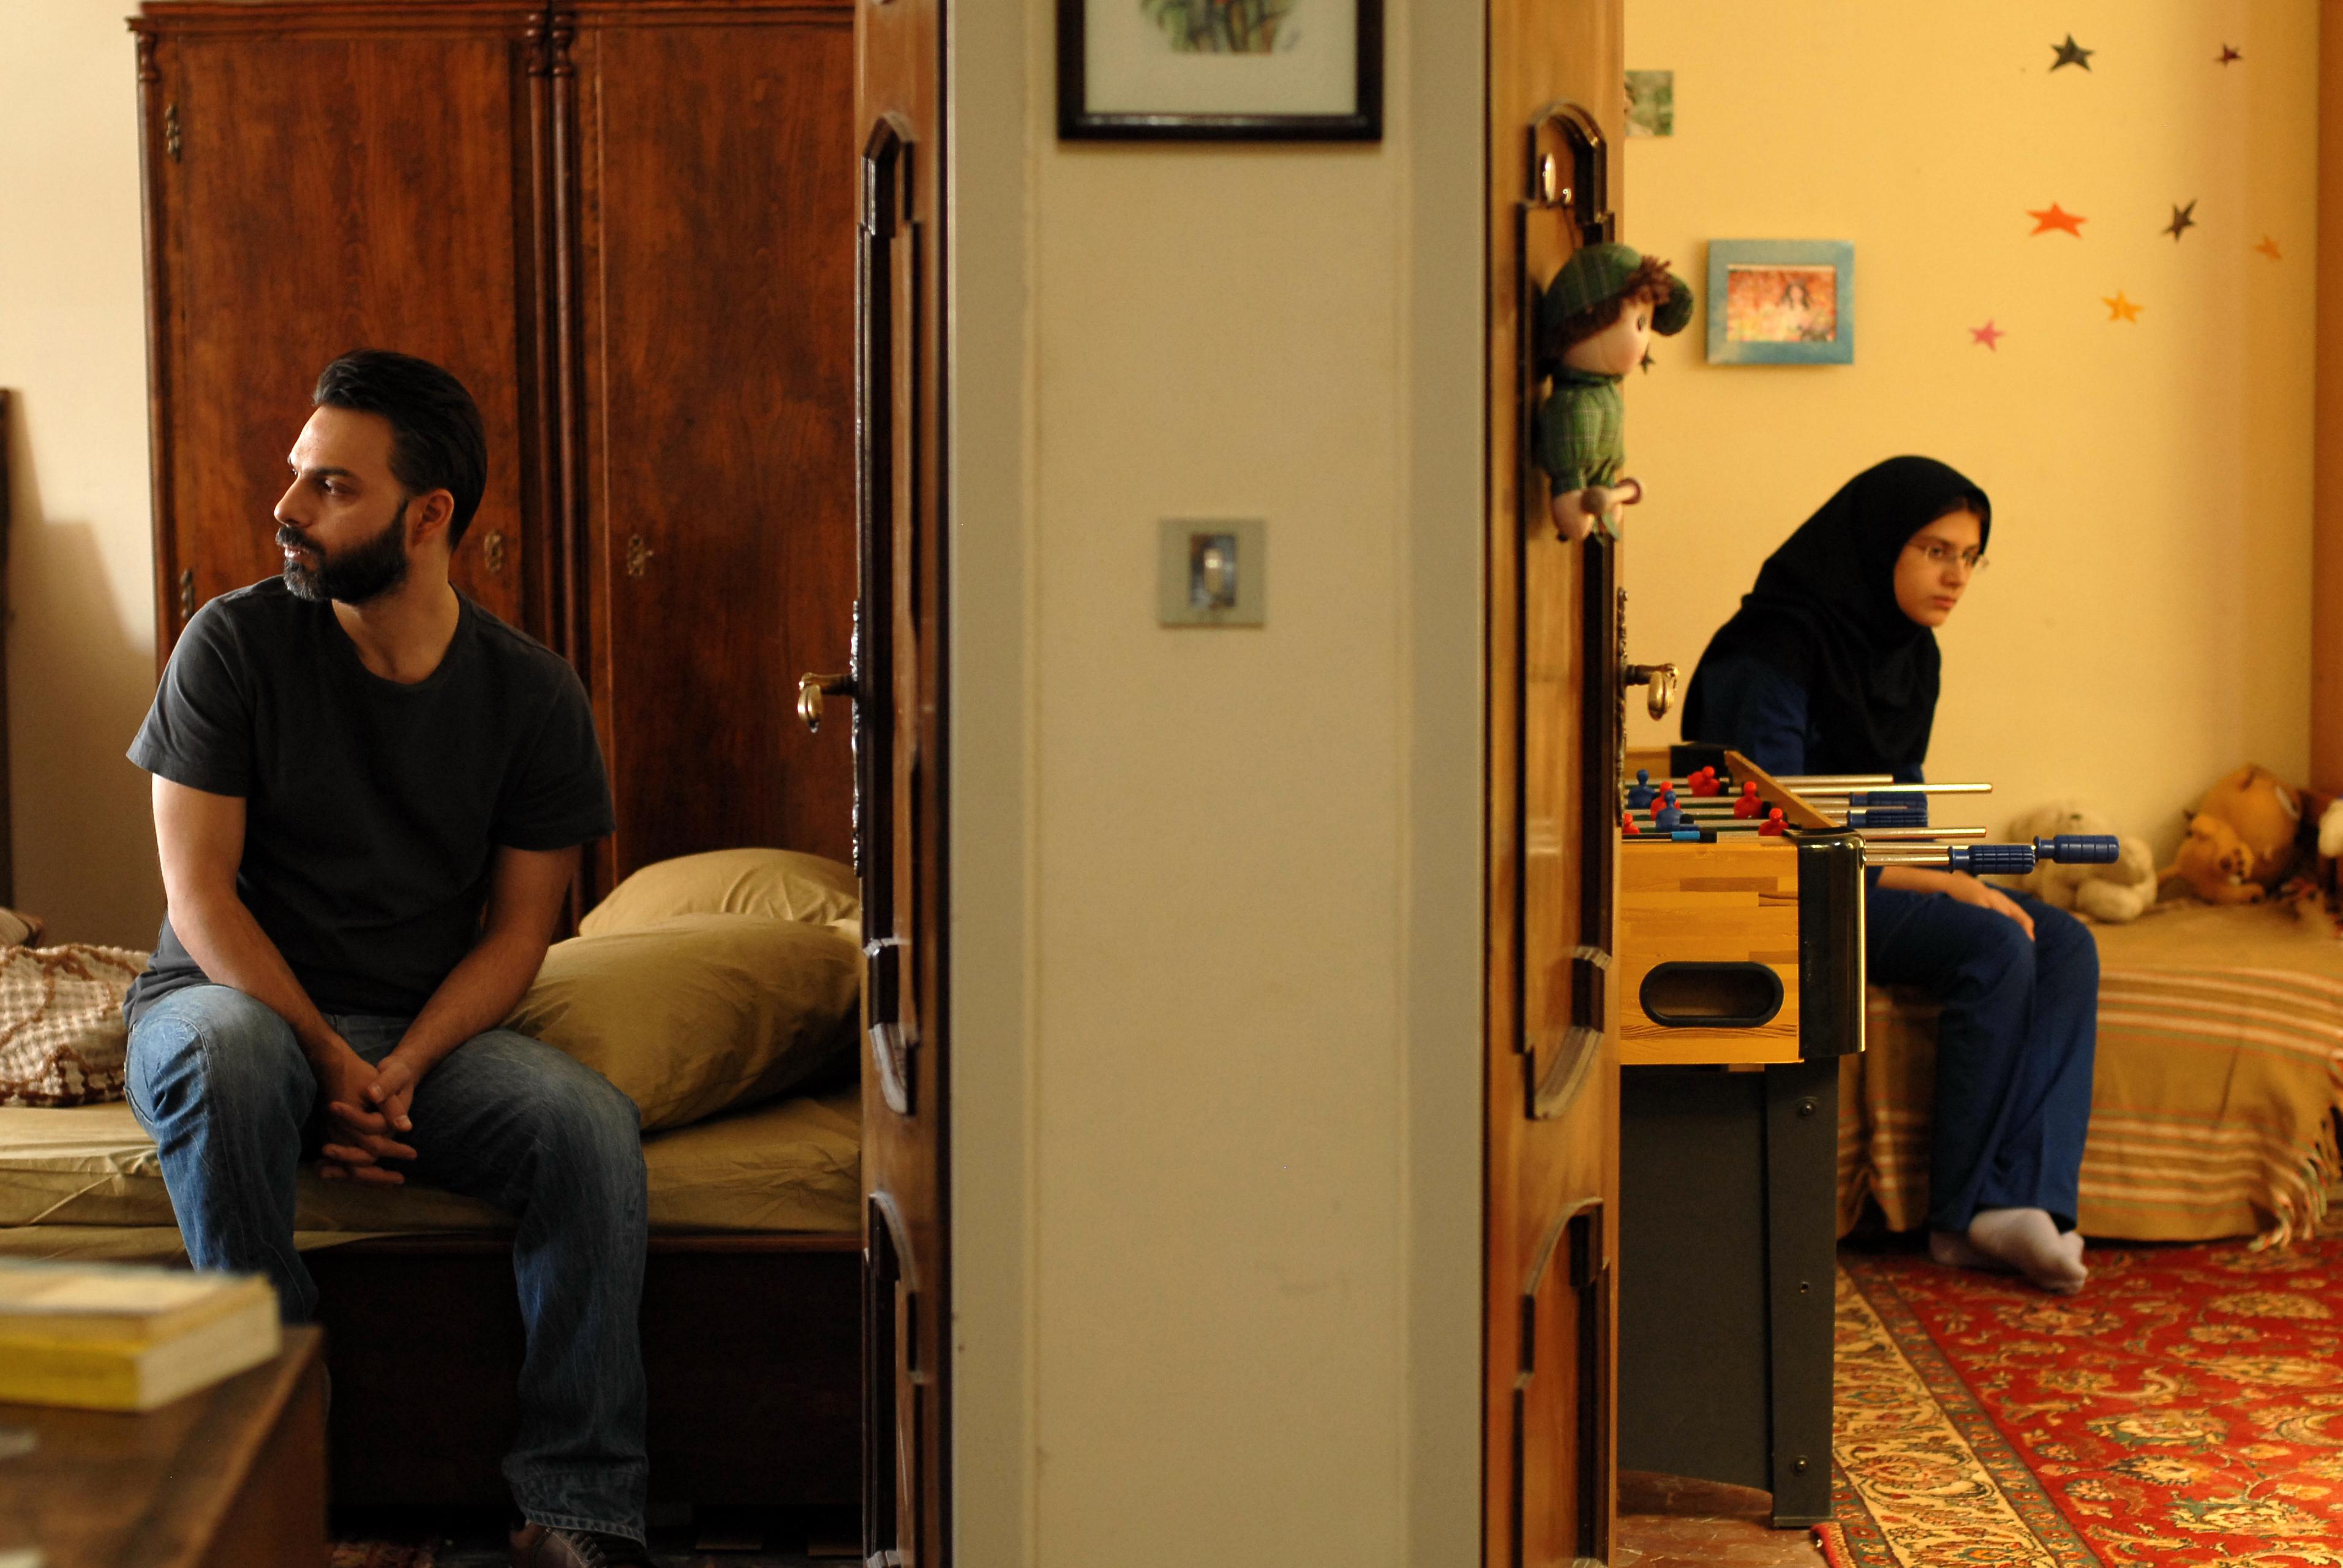 Filmska srečanja ob kavi: posnetek pogovora ob projekciji filma Ločitev